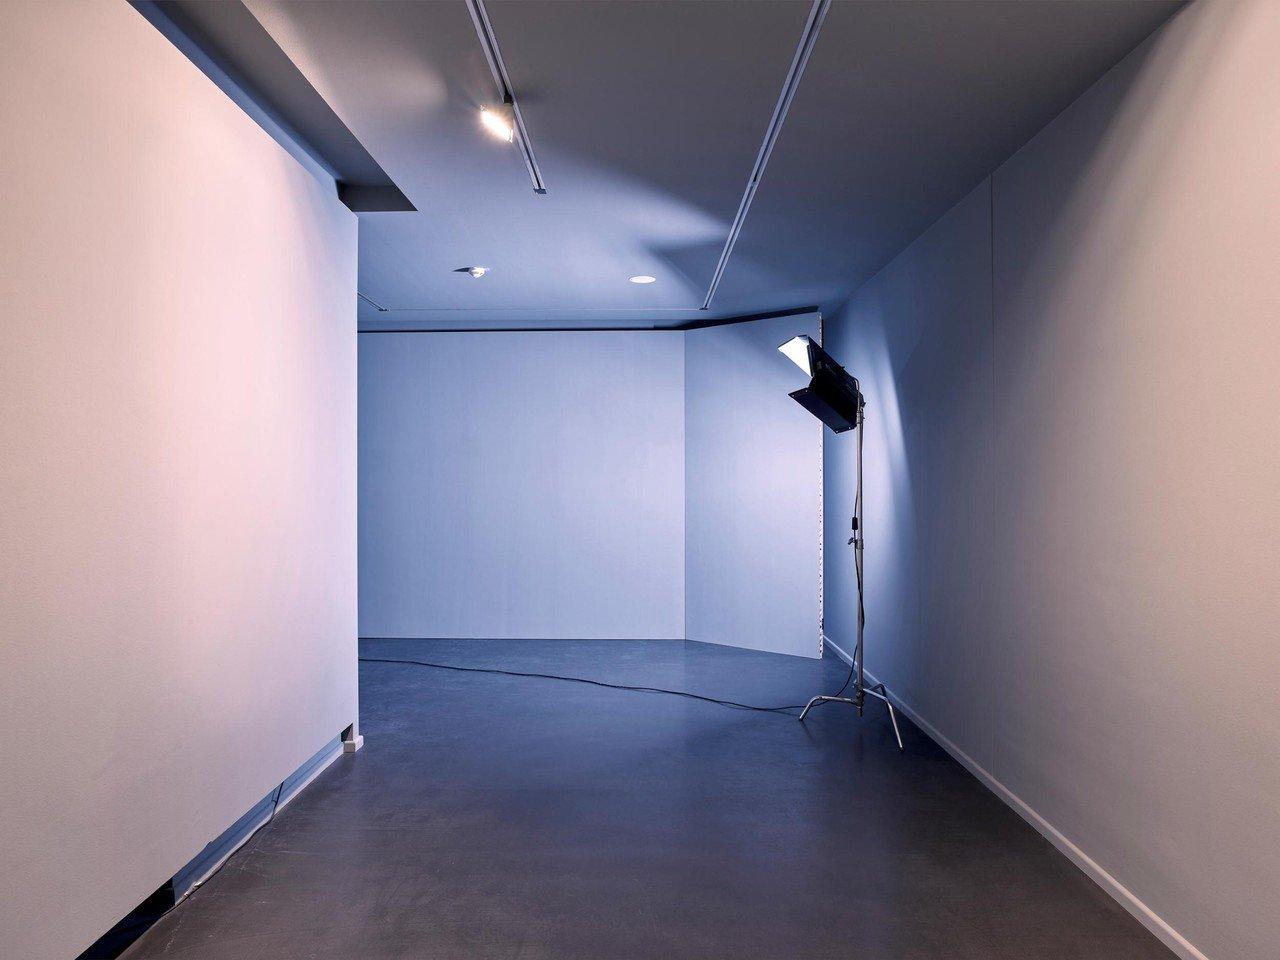 Berlin workshop spaces Lieu Atypique CAPITIS  Studios/Berlin image 0